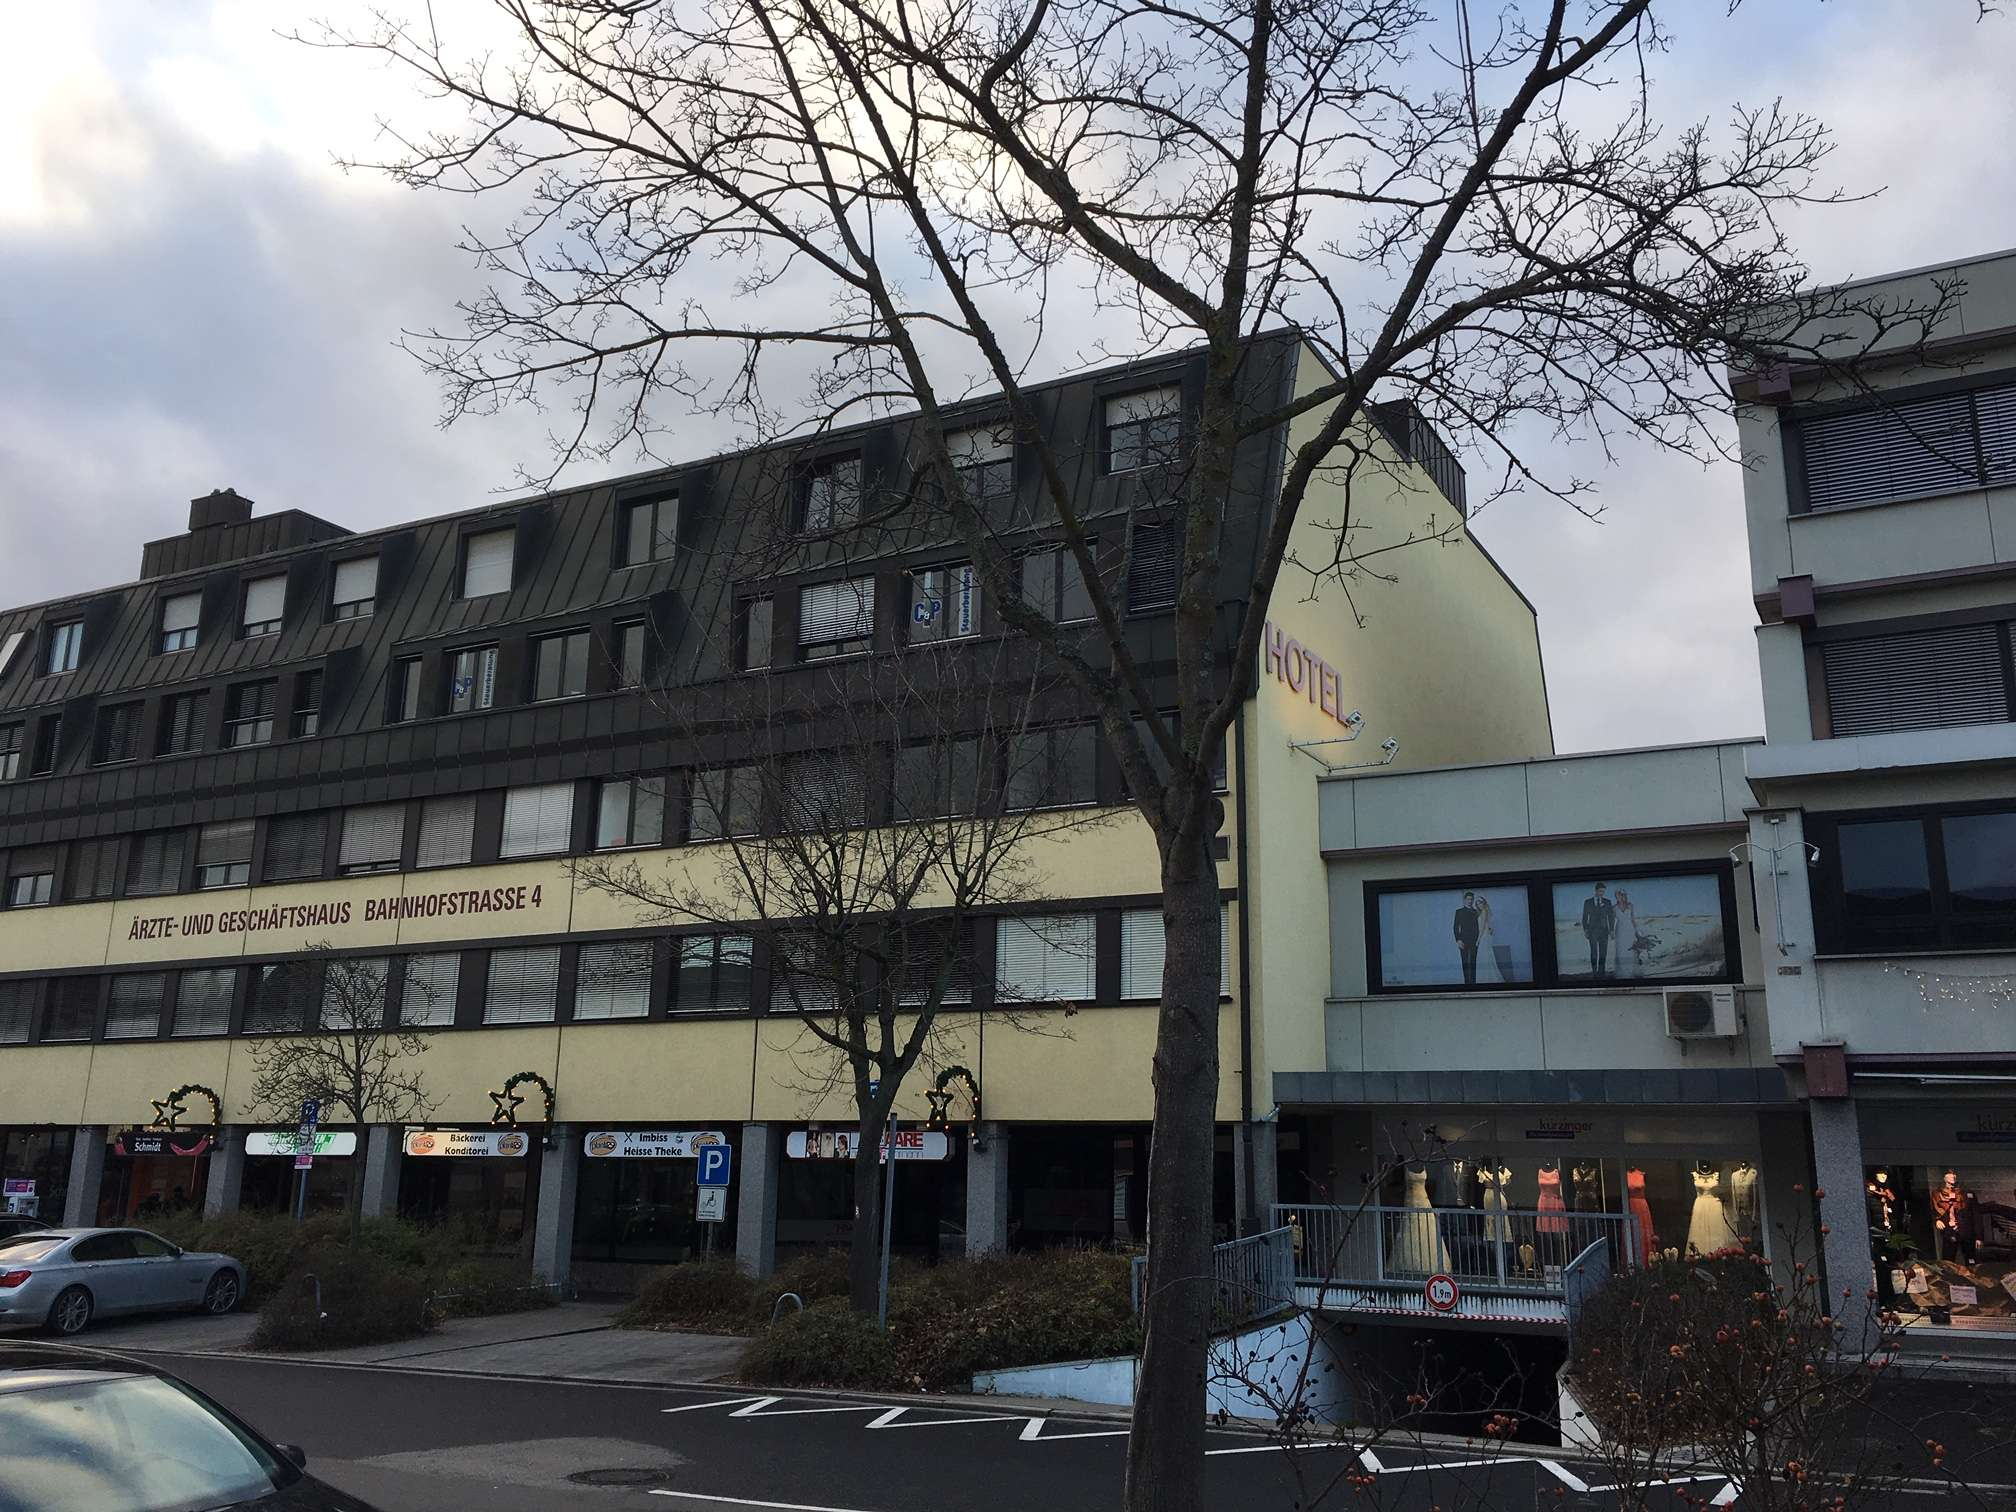 Gemütlicge 2-Zimmer-Wohnung in bevorzugter Innenstadtwohnlage von Neumarkt in Neumarkt in der Oberpfalz (Neumarkt in der Oberpfalz)